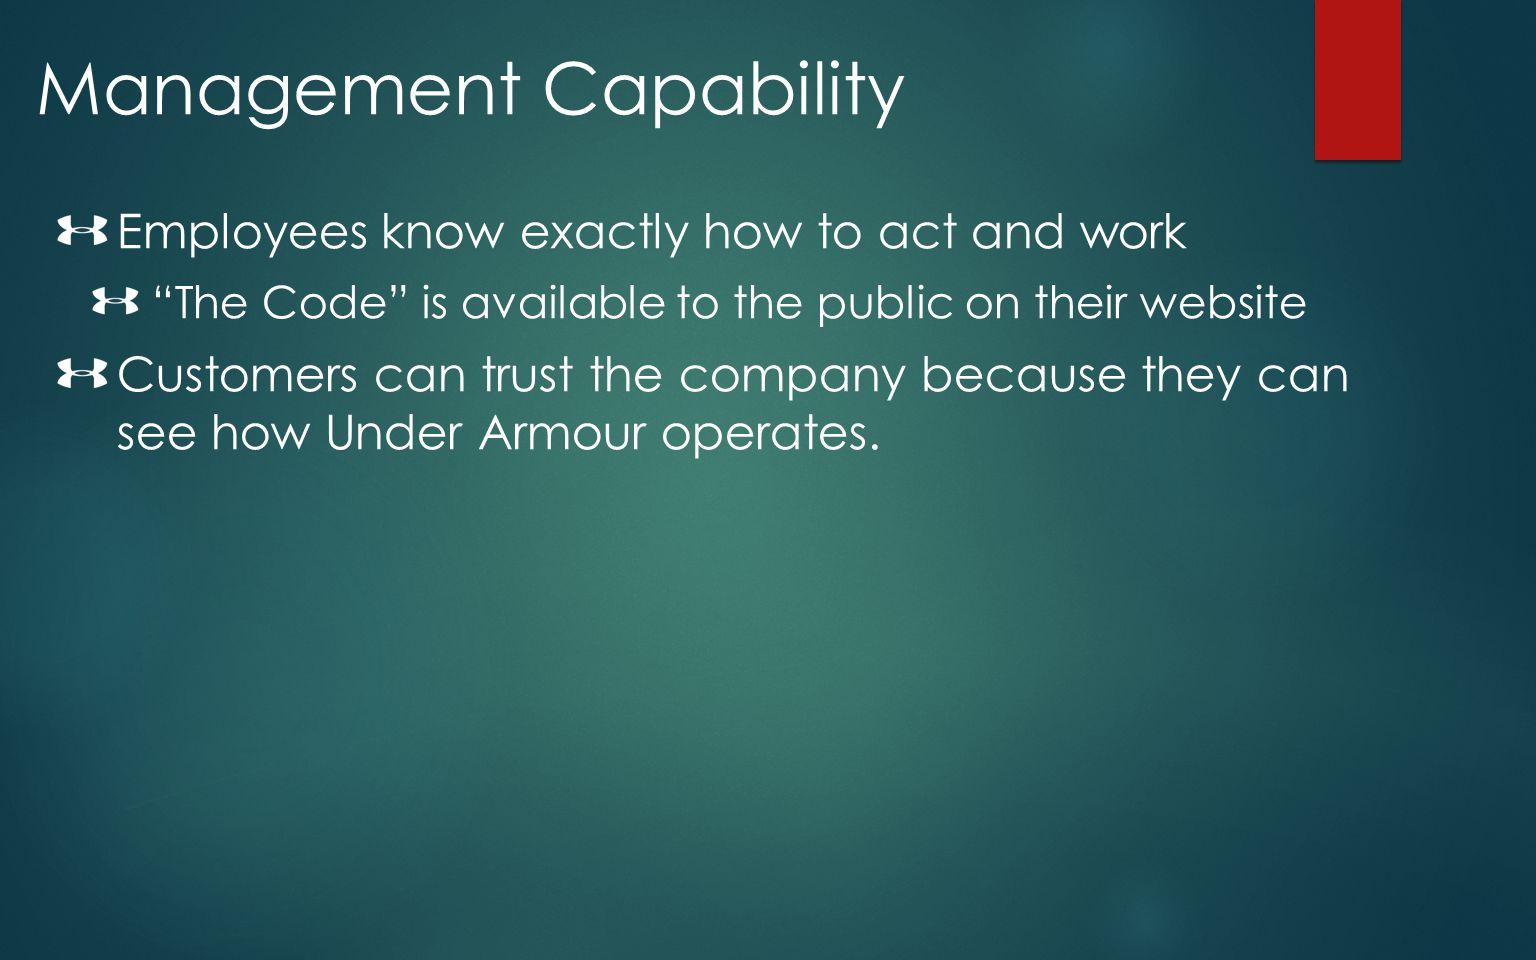 Management Capability